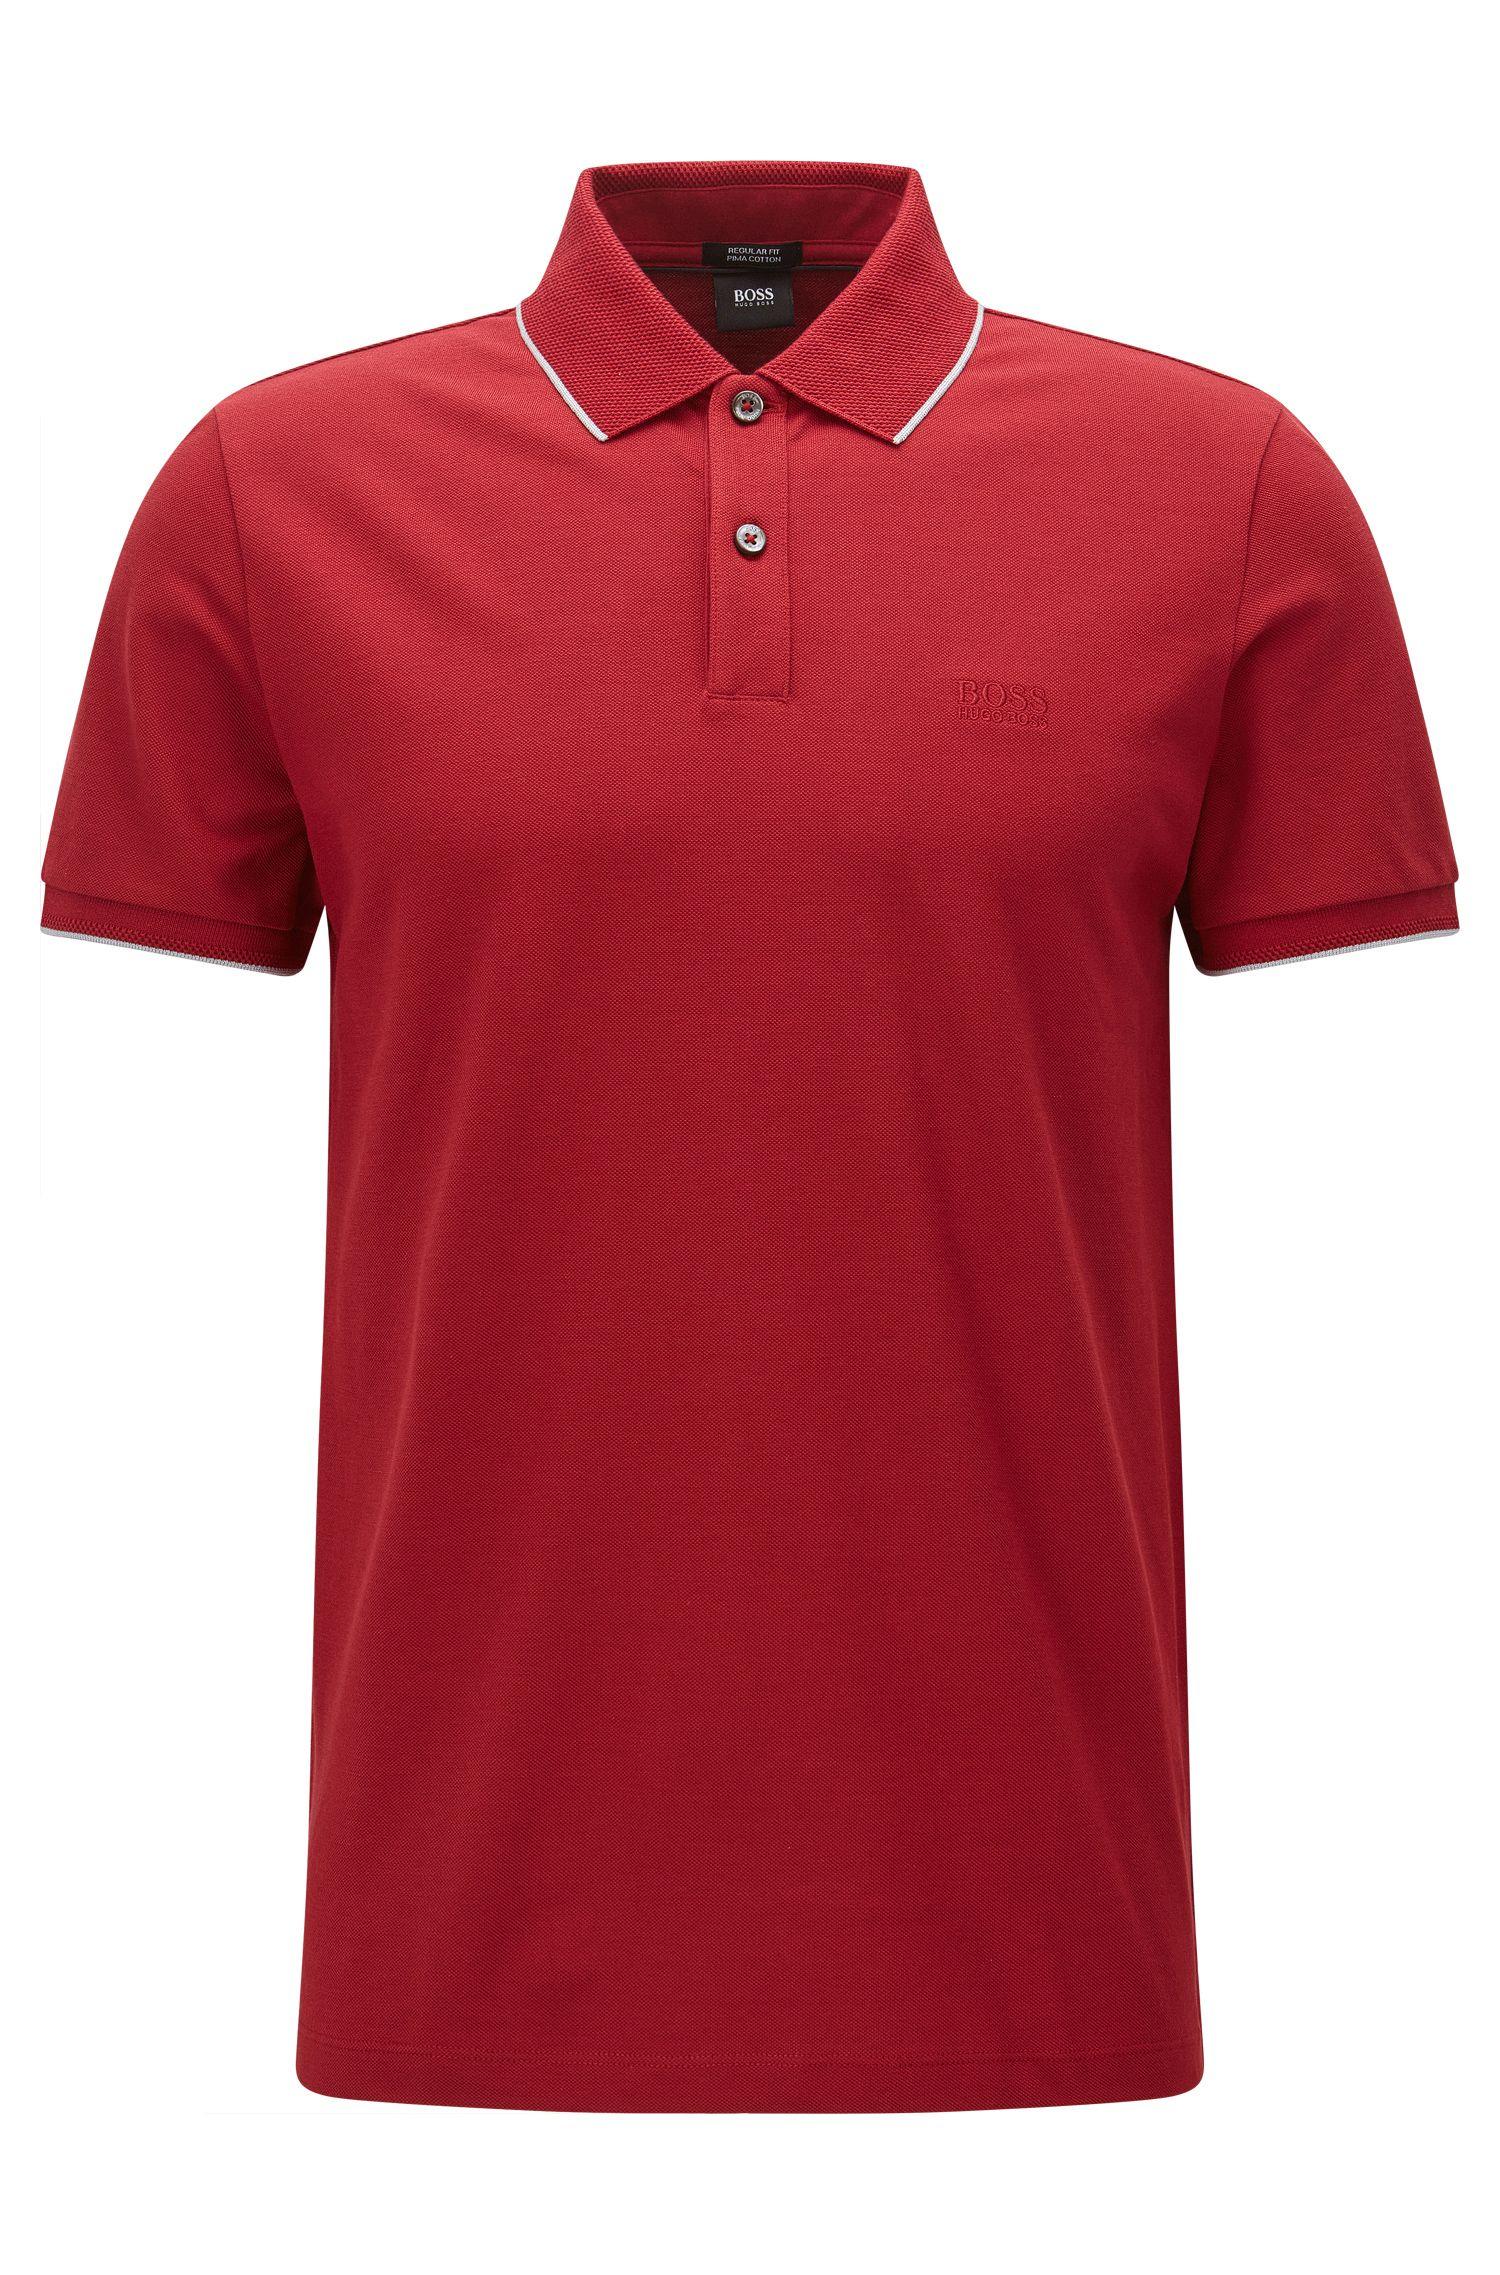 Regular-Fit Poloshirt aus Baumwolle mit kontrastfarbener Einfassung